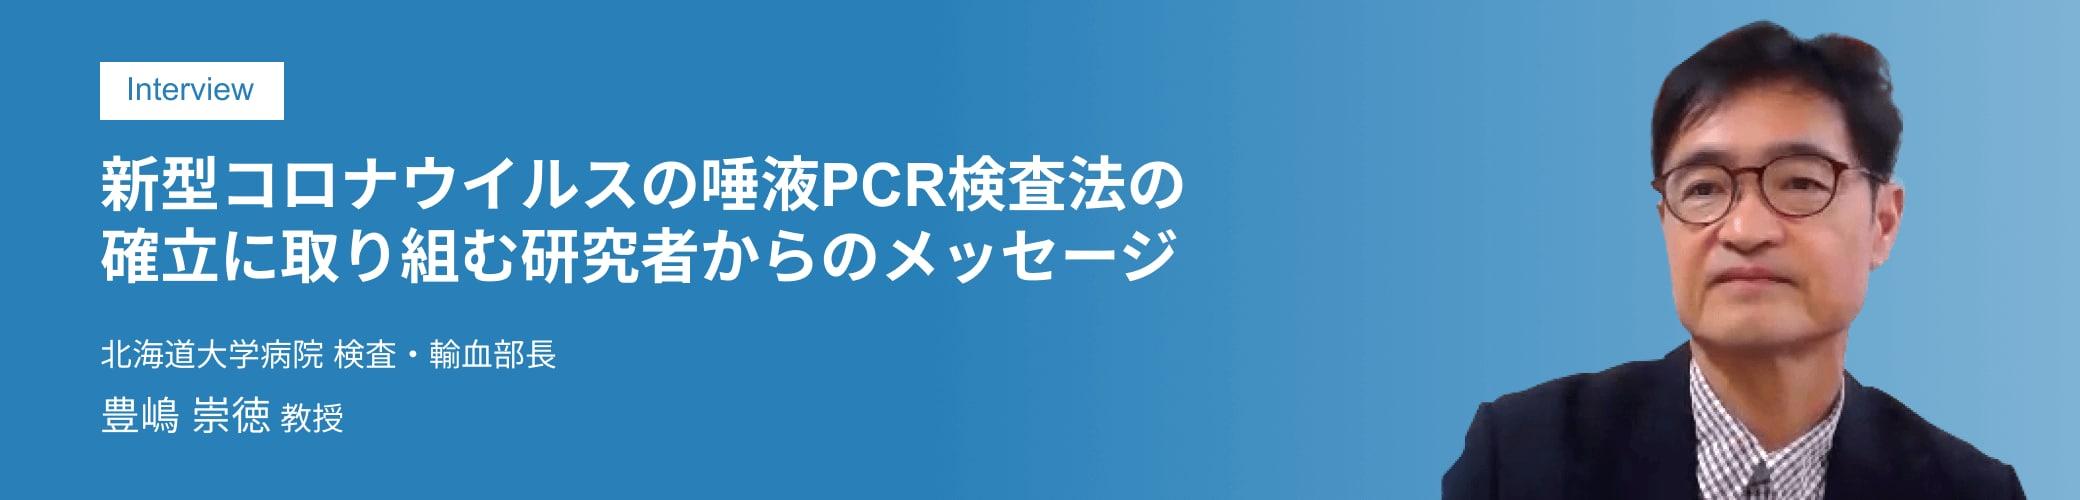 開発 者 pcr